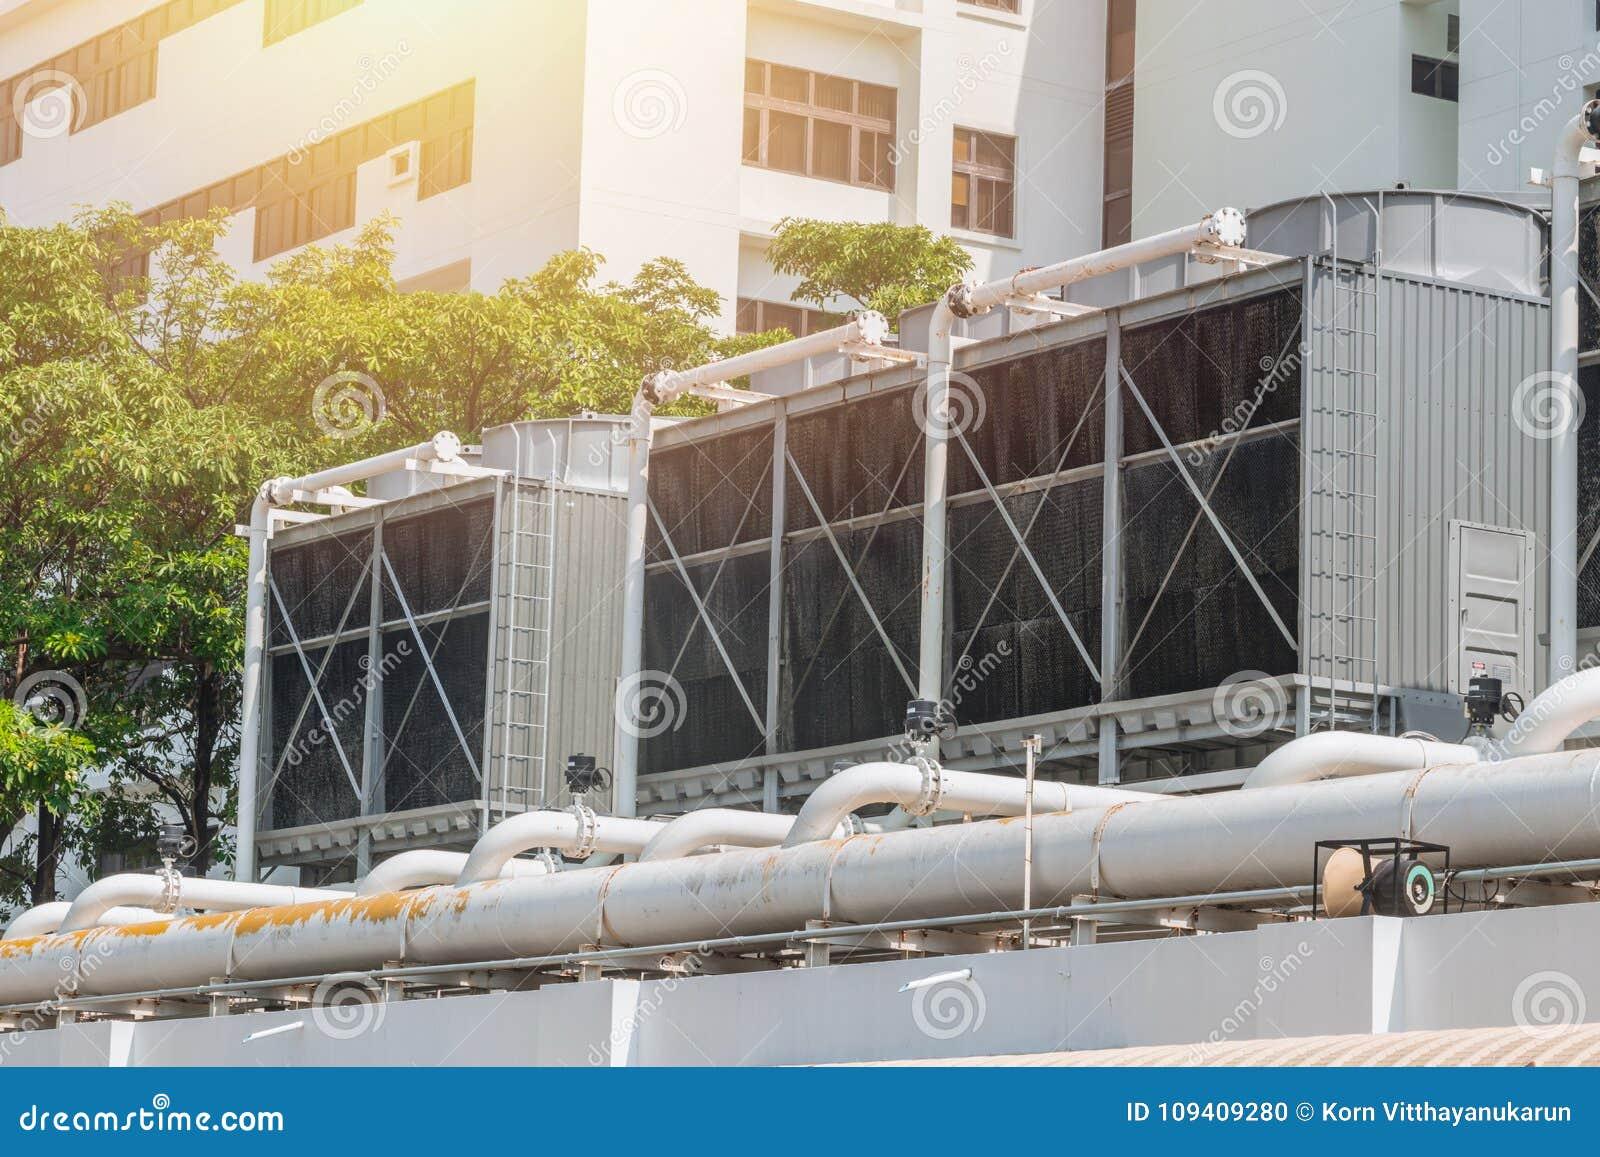 Refrigeradores del aire de la HVAC en unidades del tejado de acondicionador de aire